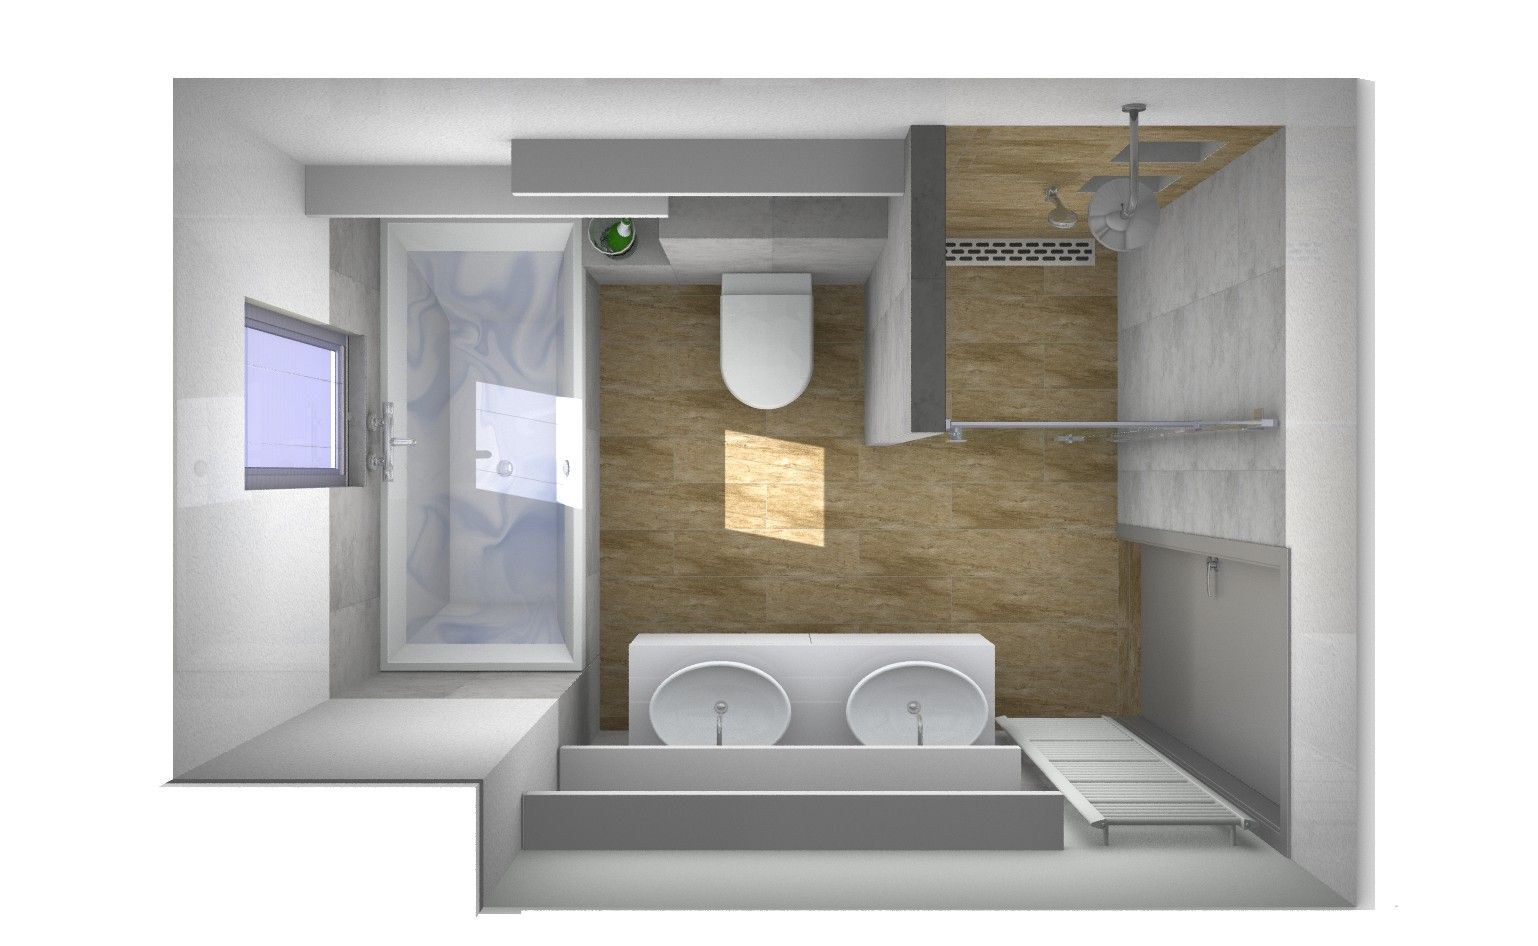 Ontwerp van badkamer met houtlook keramische tegels - Ontwerp badkamer model ...